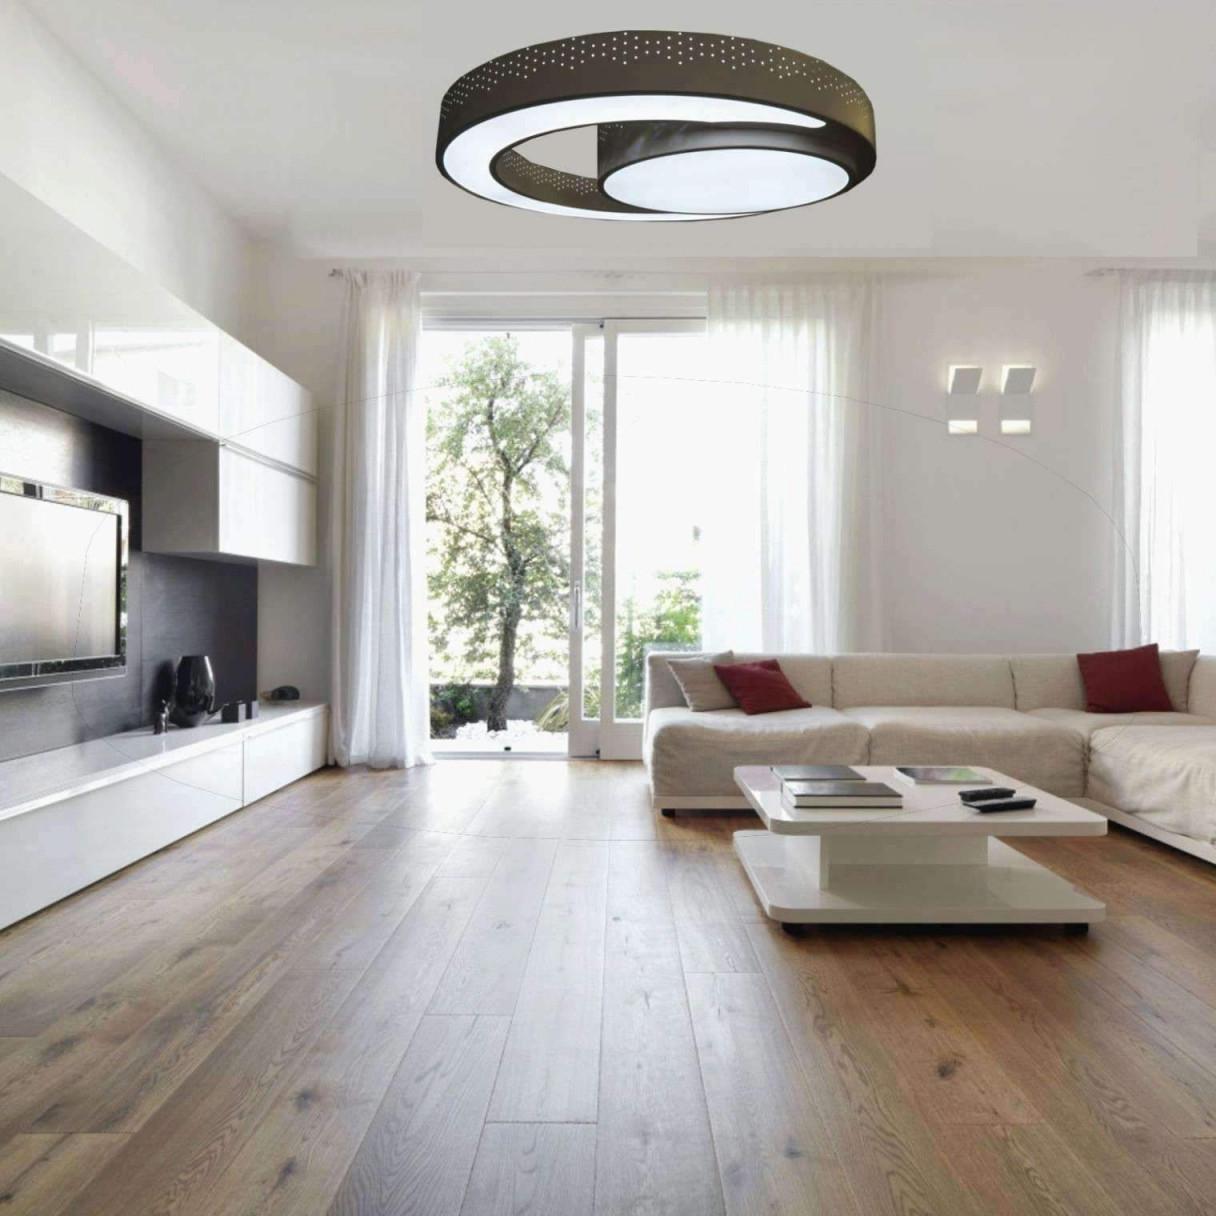 Moderne Lampen Wohnzimmer Einzigartig Lampen Wohnzimmer In von Moderne Wohnzimmer Lampe Photo